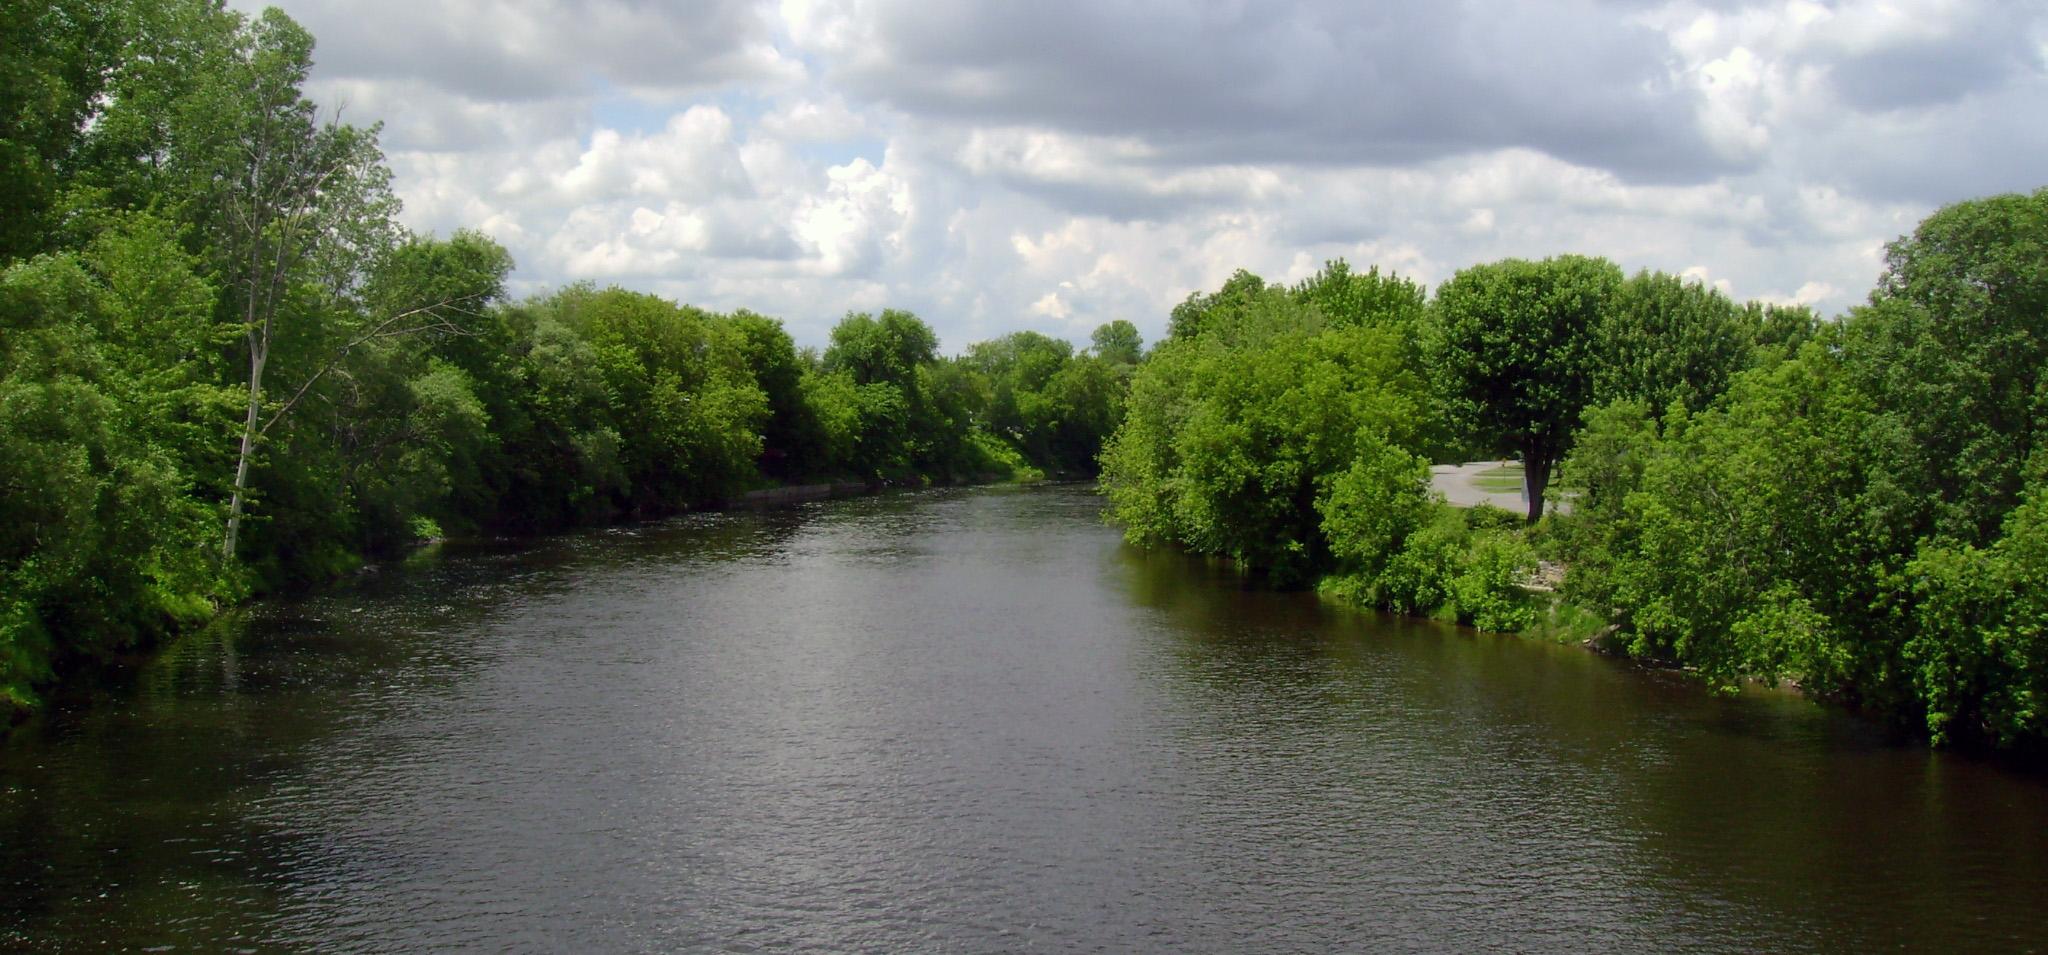 Résultats de recherche d'images pour «rivière l'assomption»